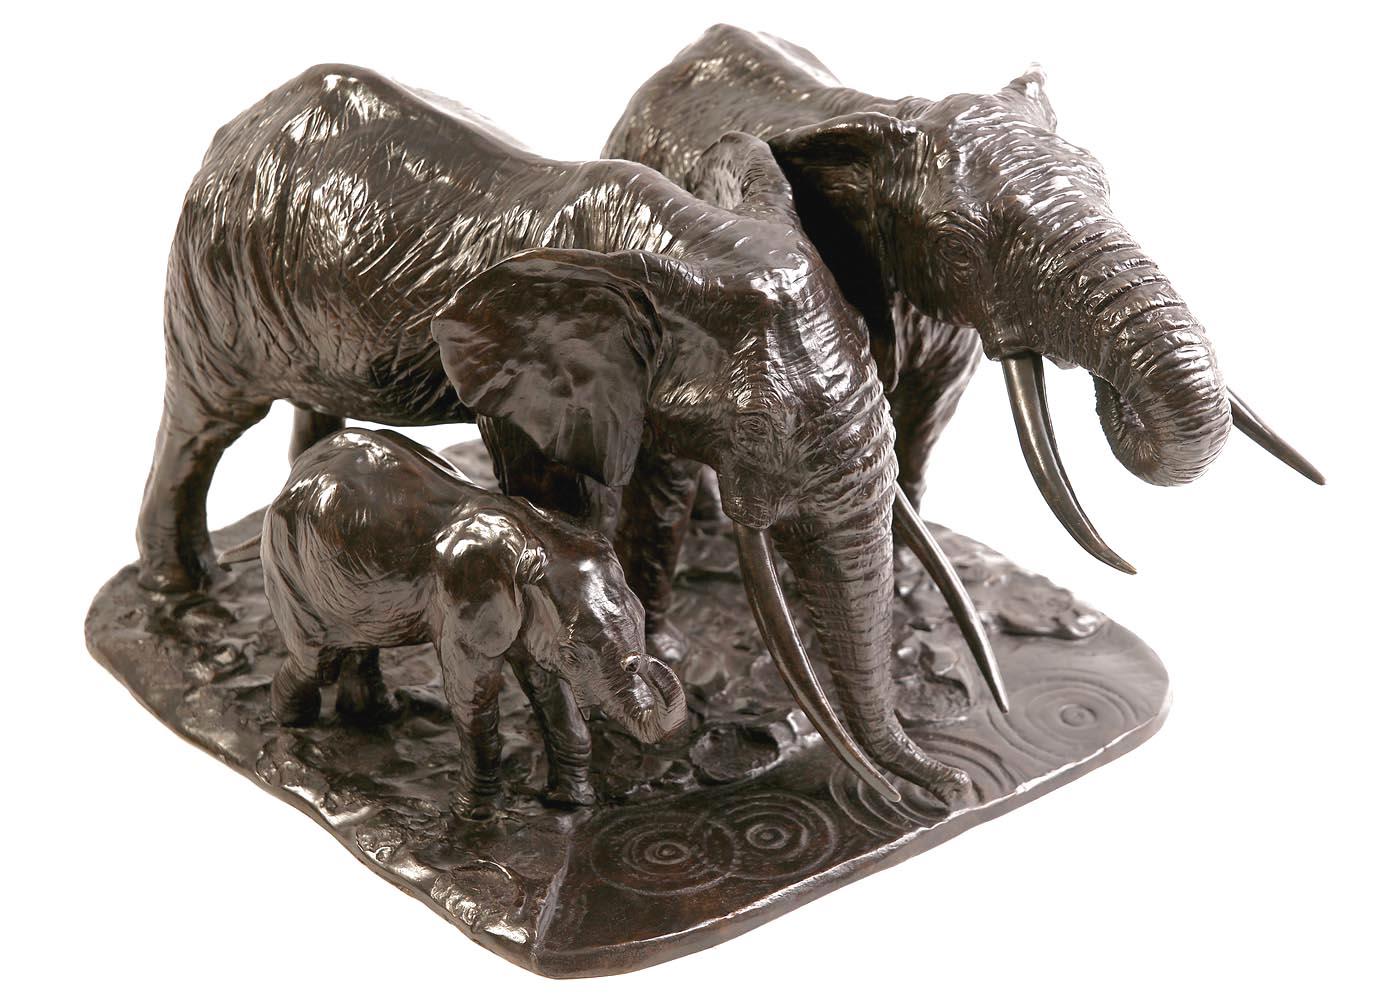 Sculpture en bronze d'un groupe d'éléphants d'Afrique